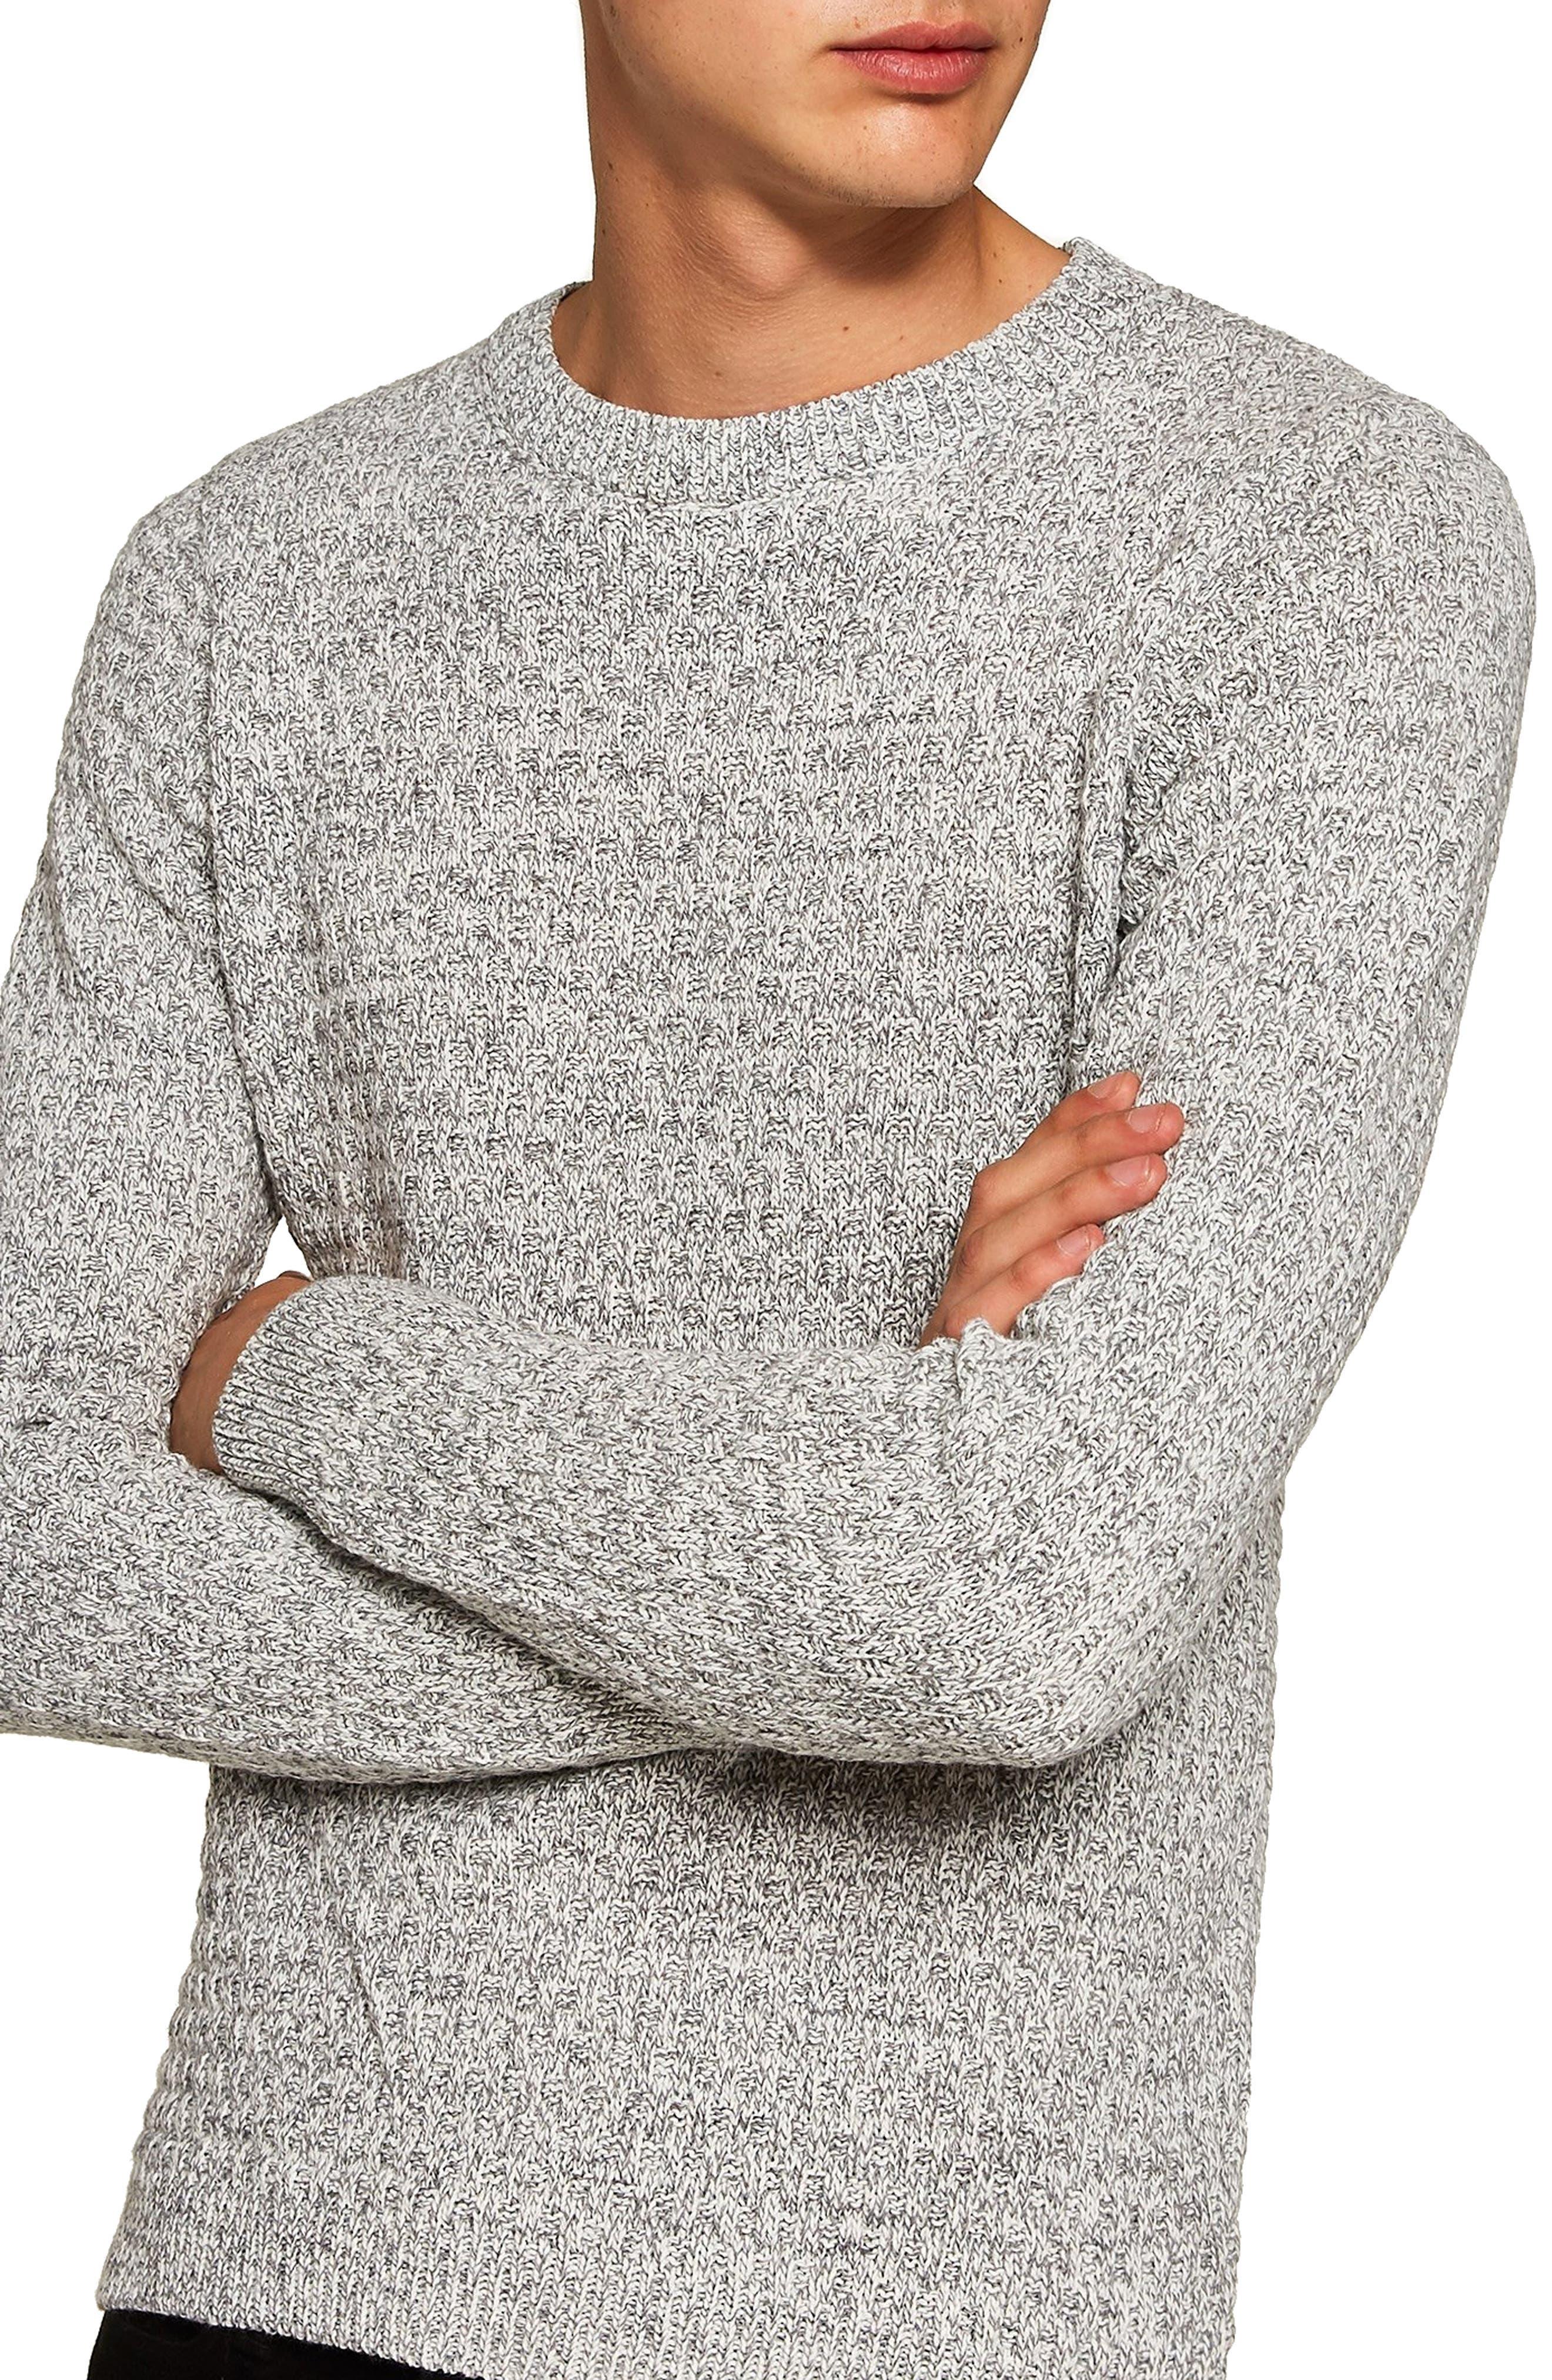 Textured Crewneck Sweater,                             Main thumbnail 1, color,                             GREY